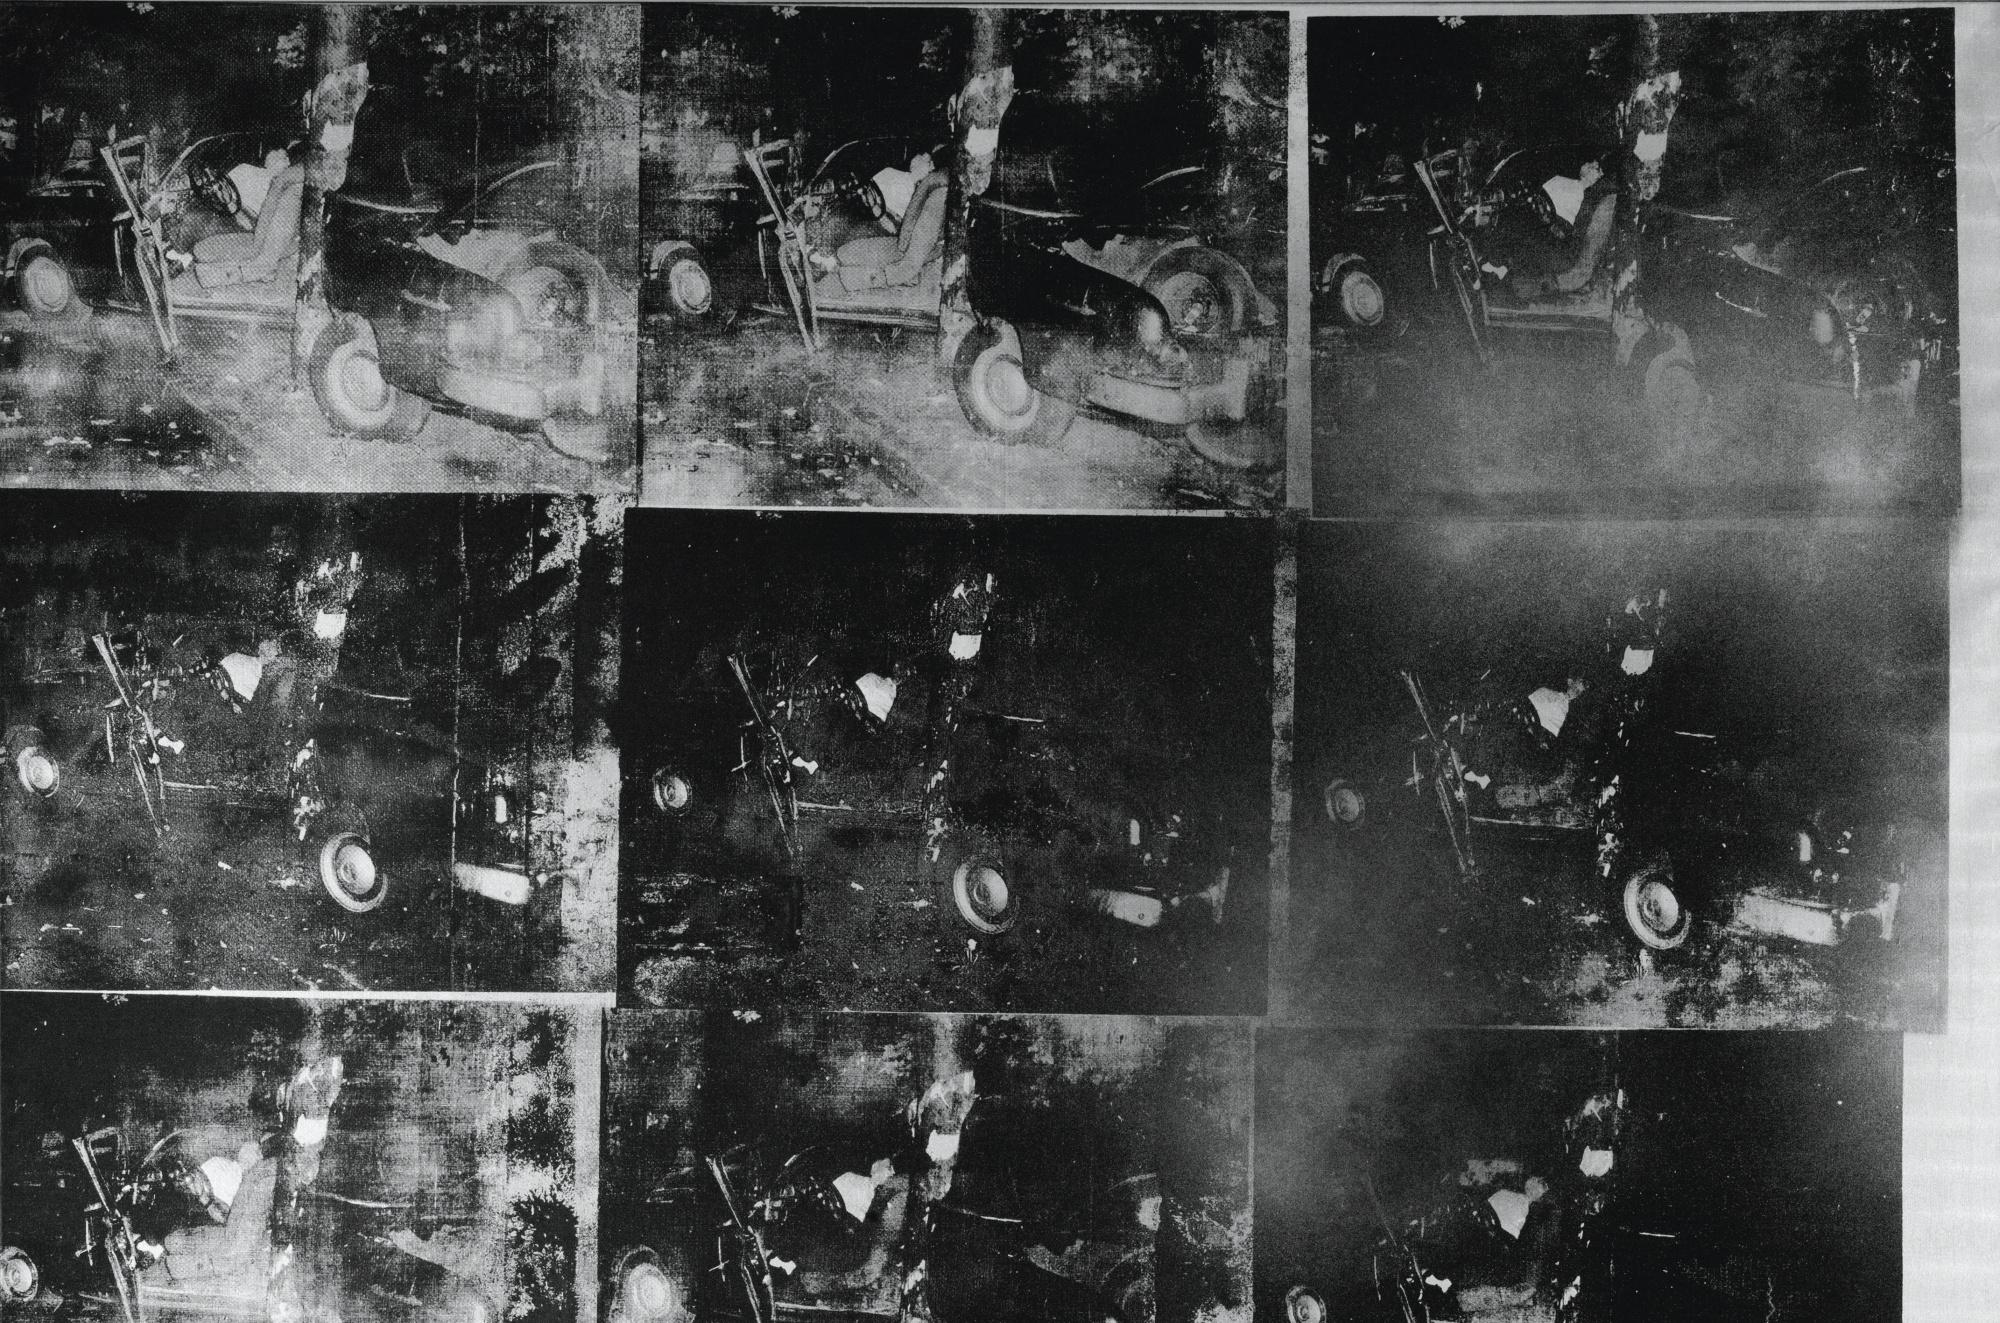 L'opera di Warhol venduta per 105 milioni di dollari